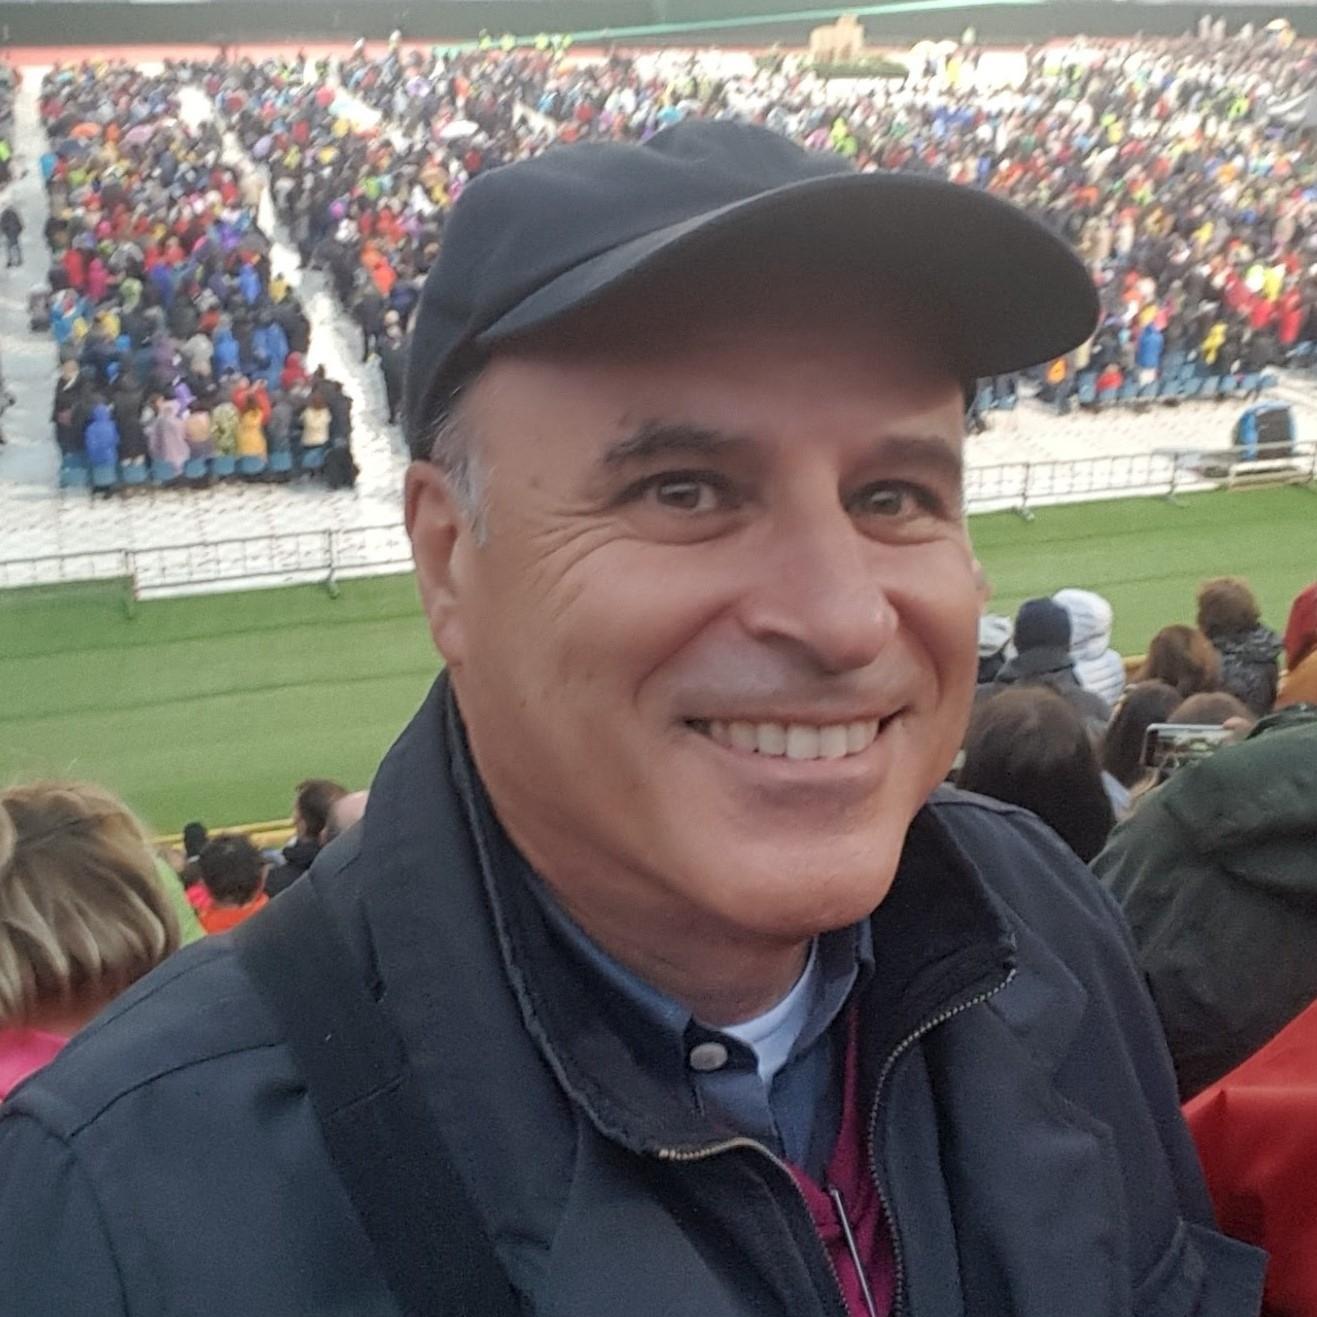 Valerio Mezzini